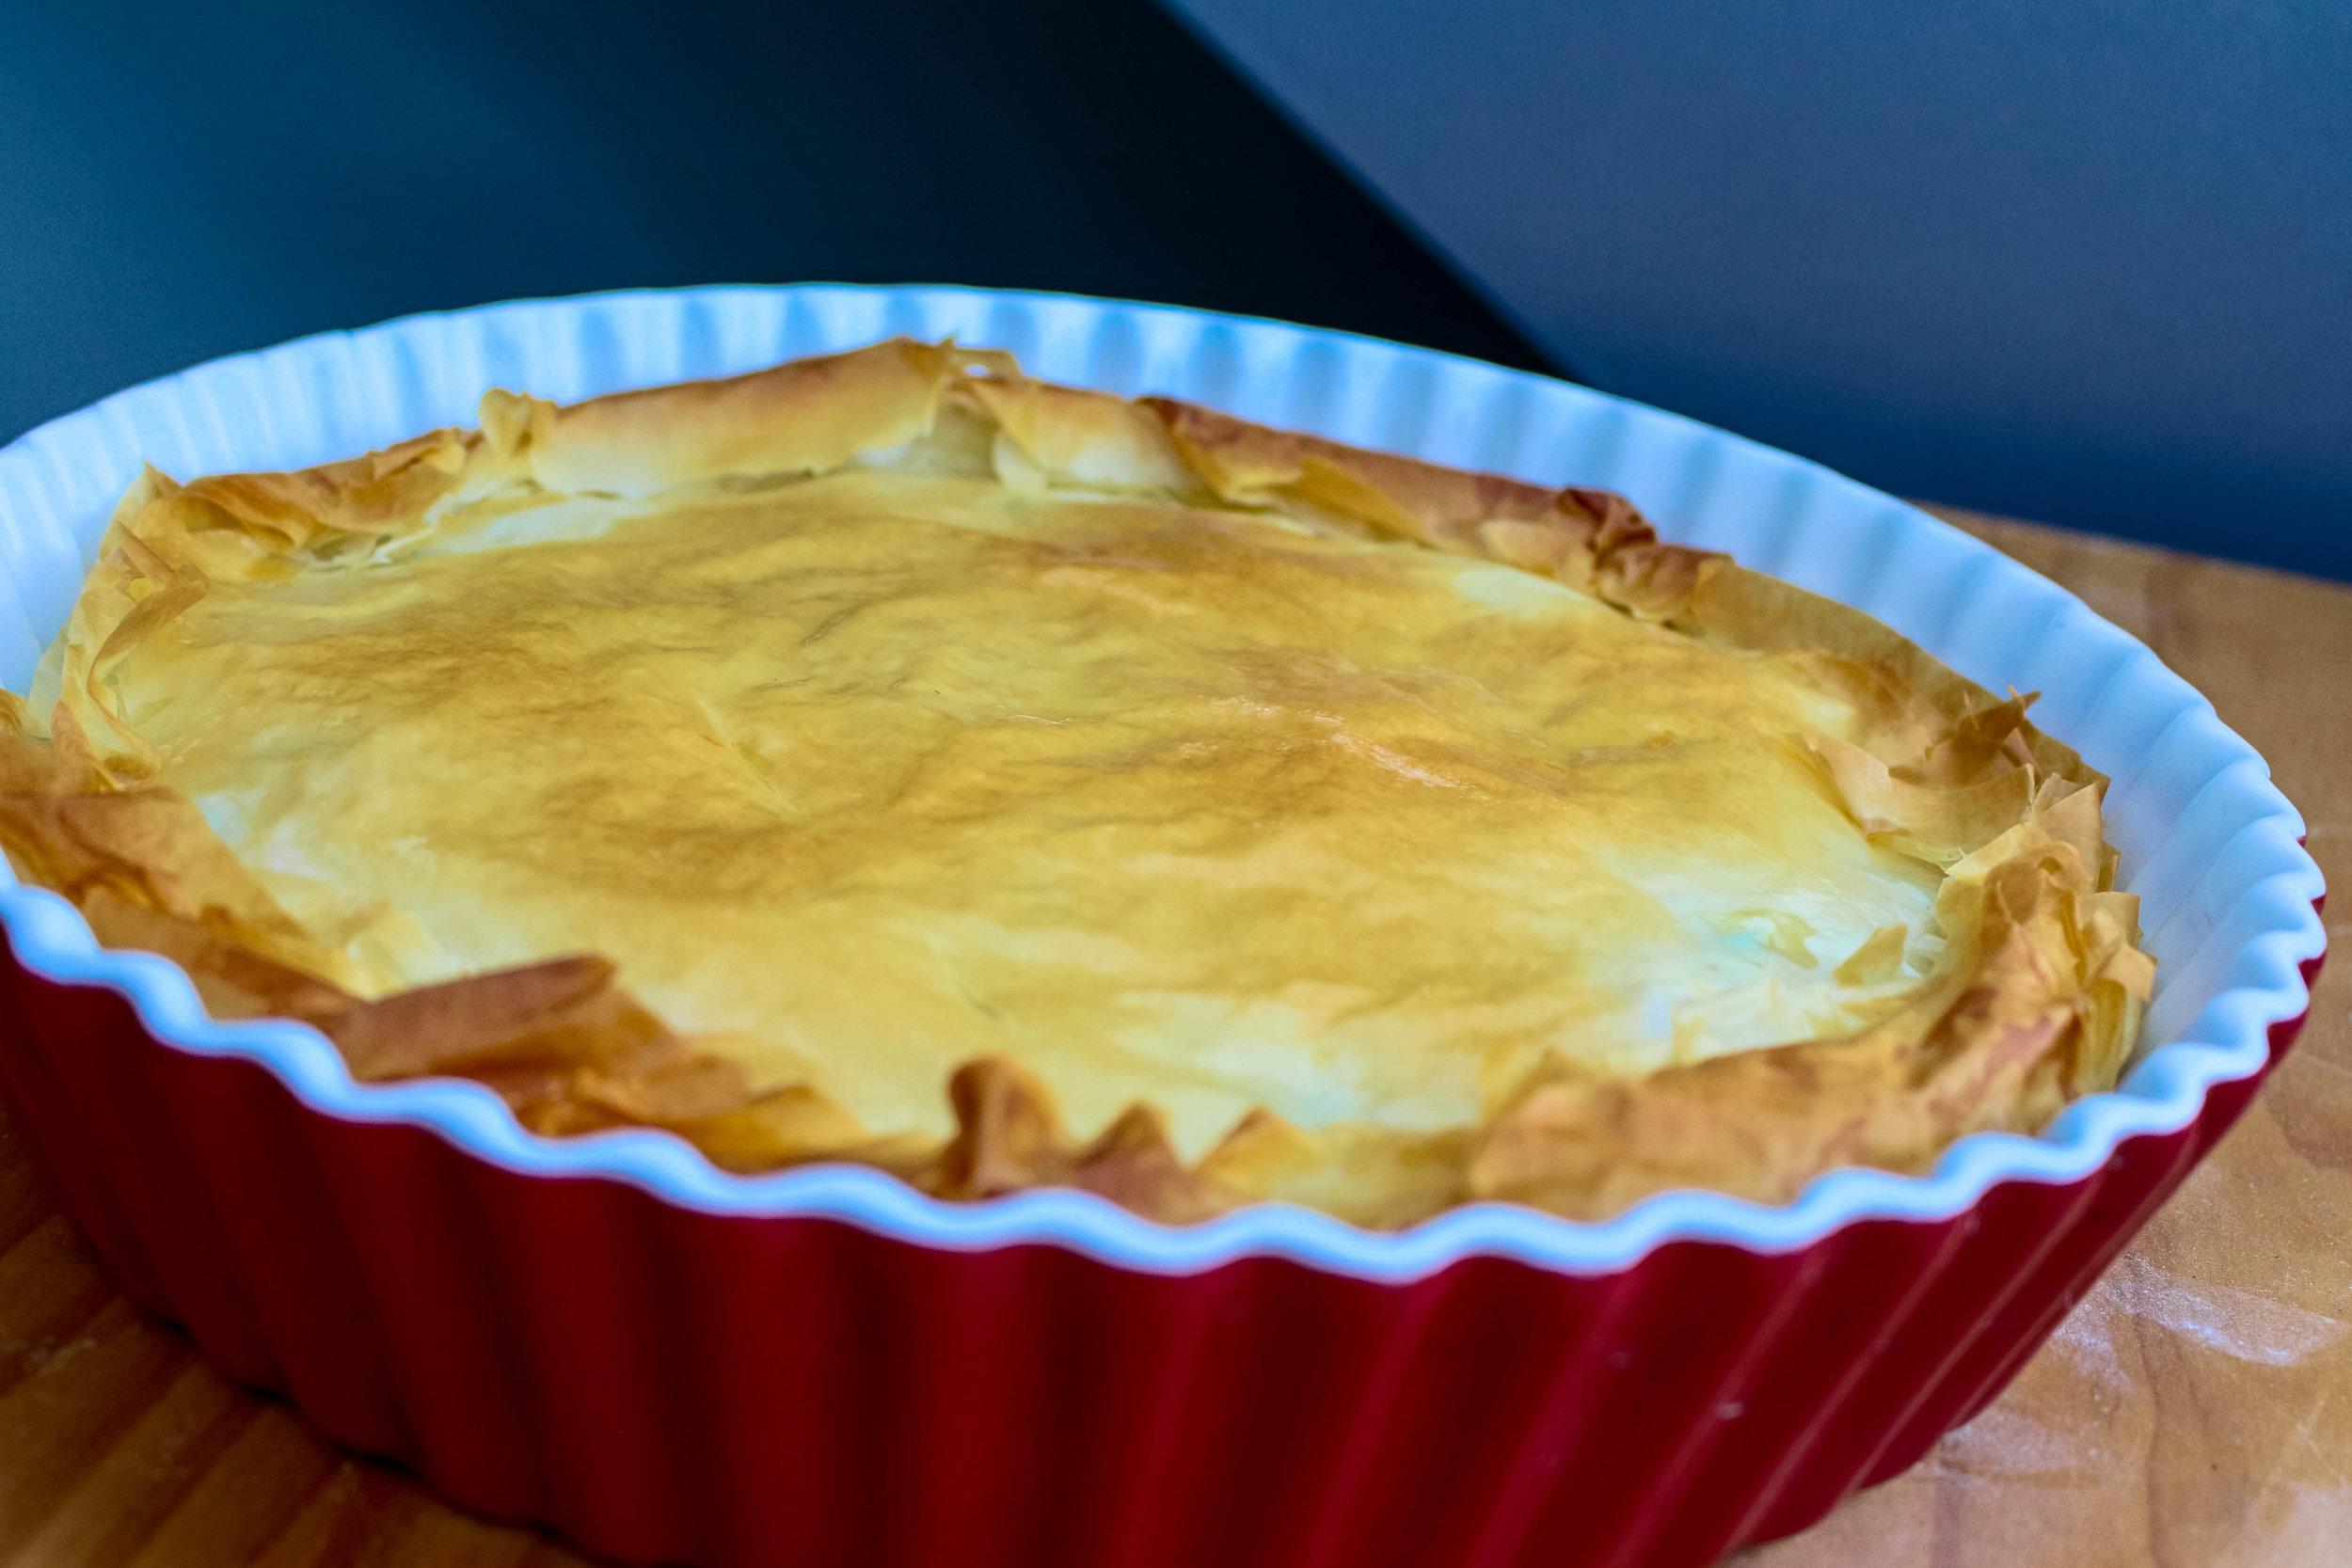 chiken-pot-pie-1-of-1.jpg